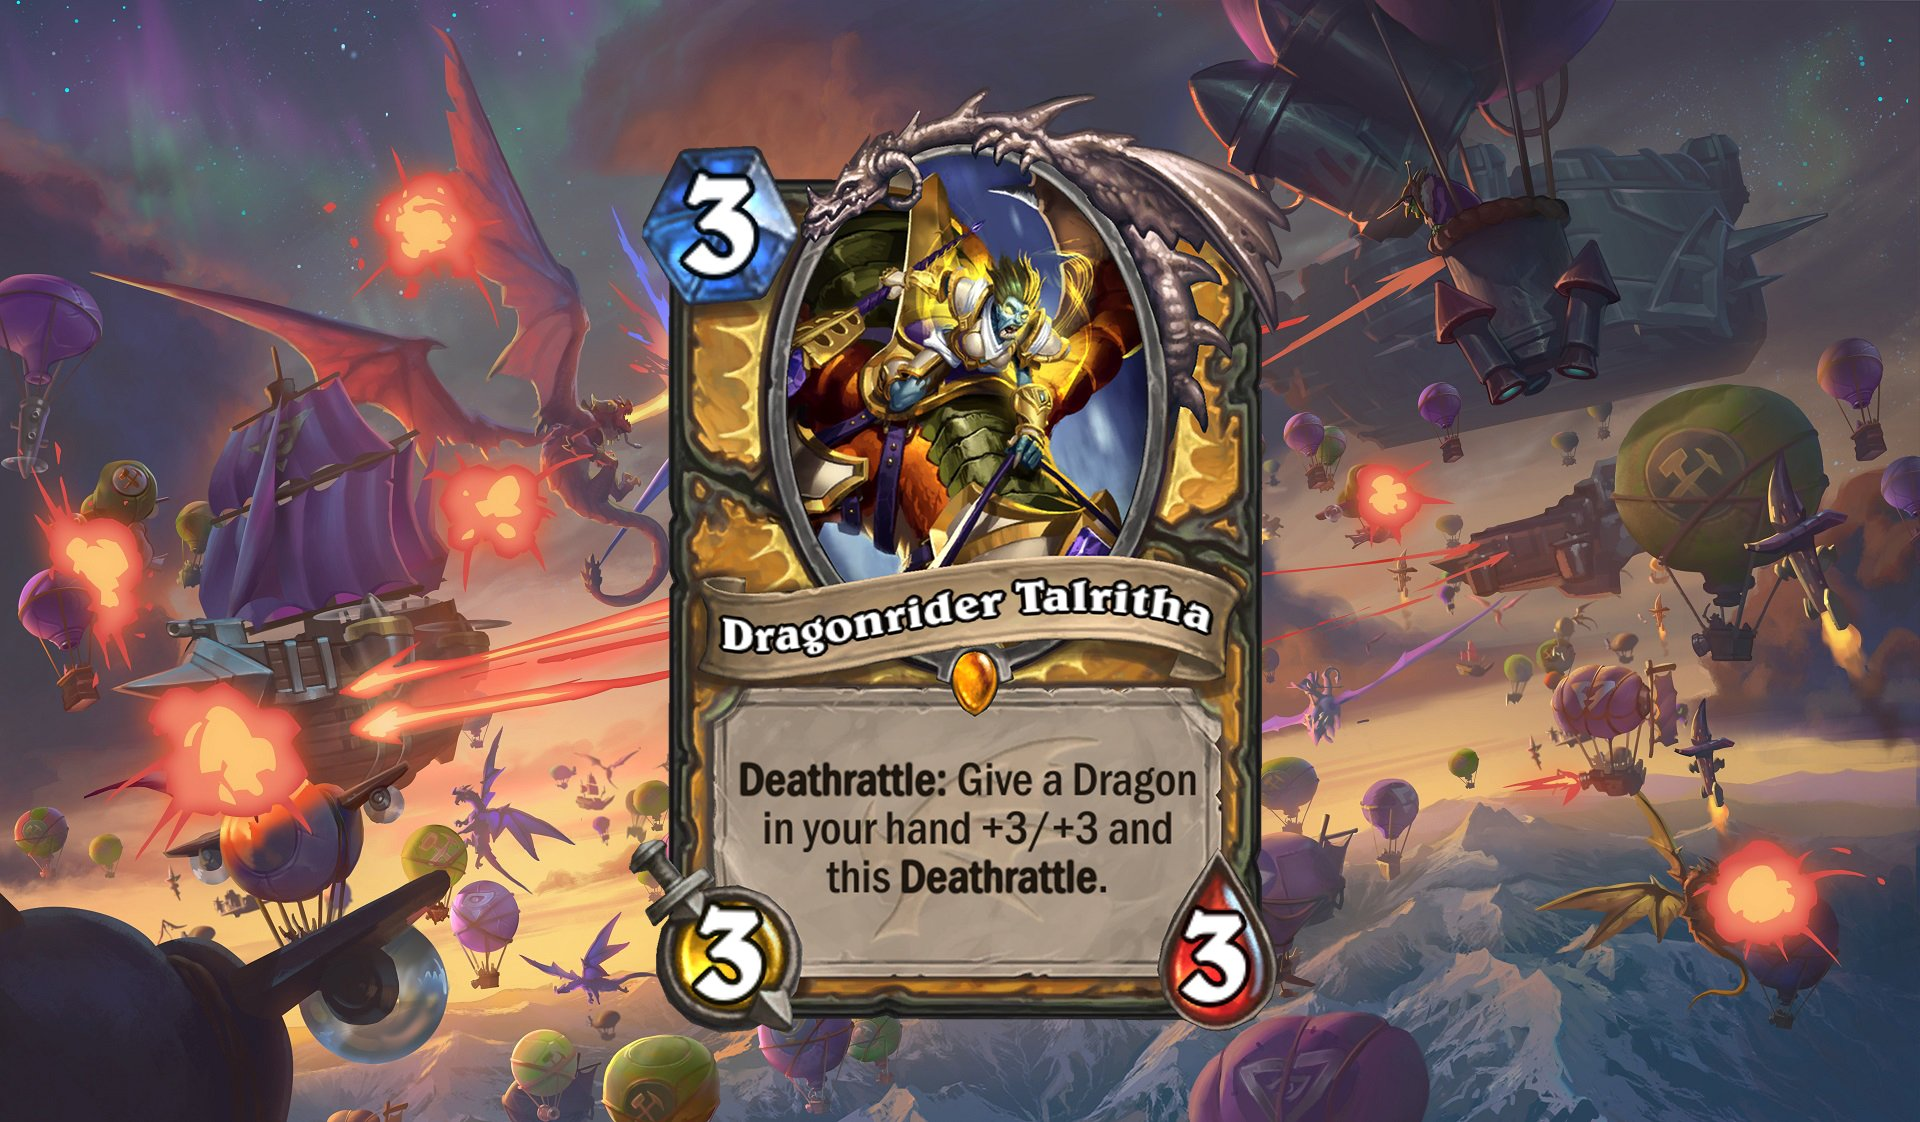 Hearthstone - Dragonrider Talritha